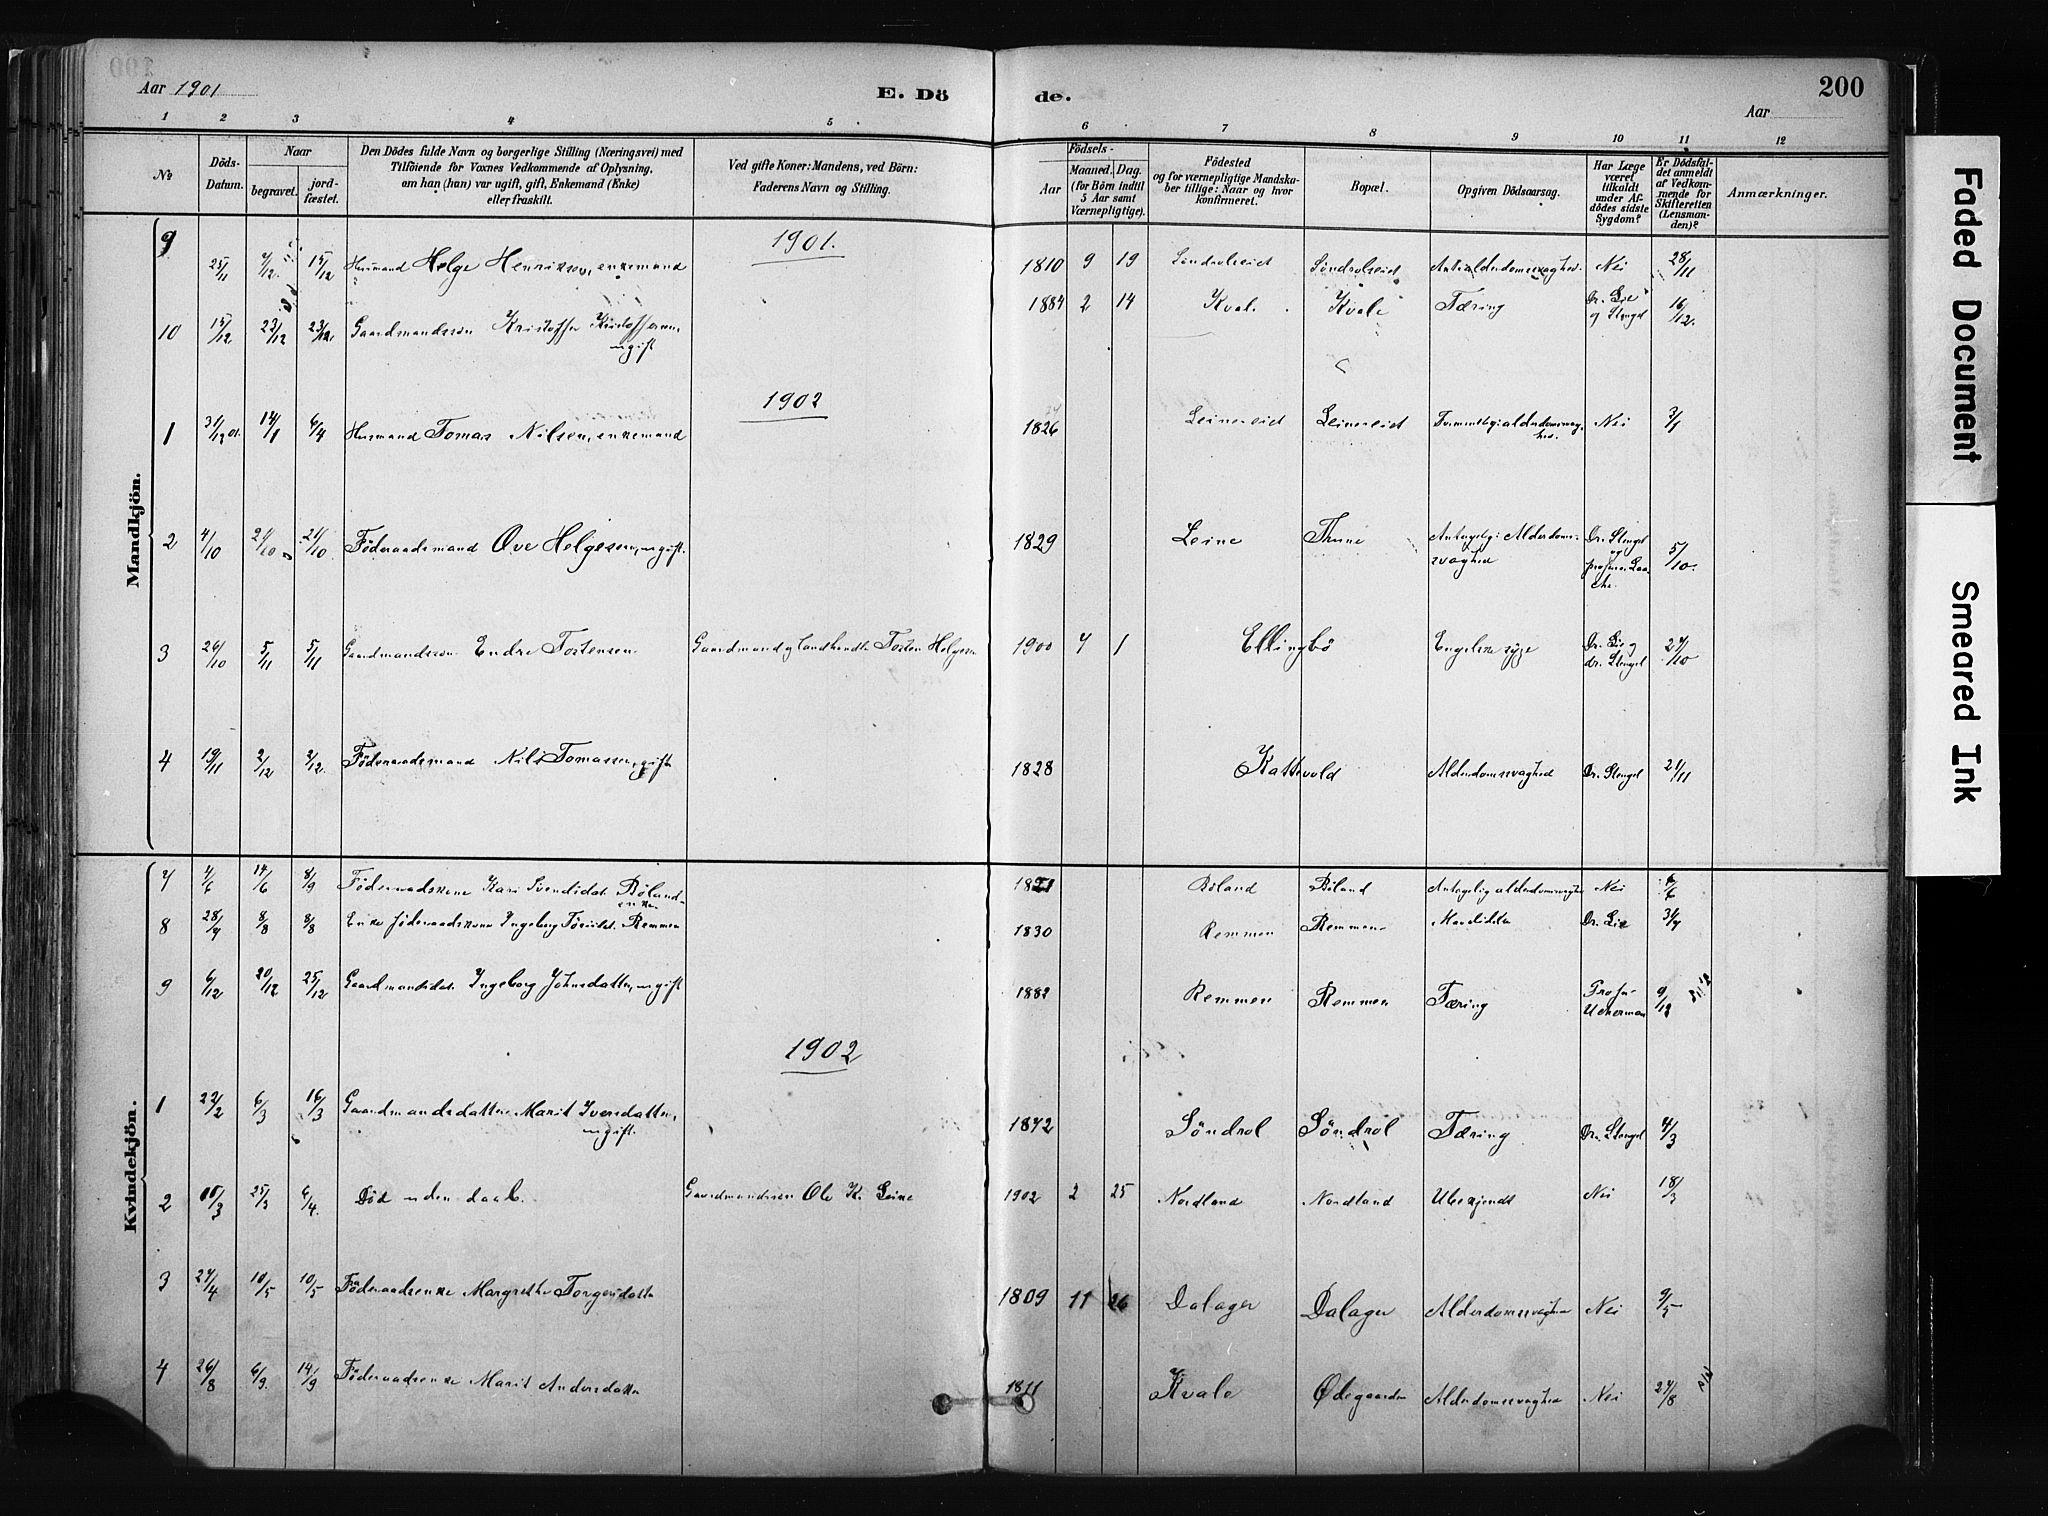 SAH, Vang prestekontor, Valdres, Ministerialbok nr. 8, 1882-1910, s. 200